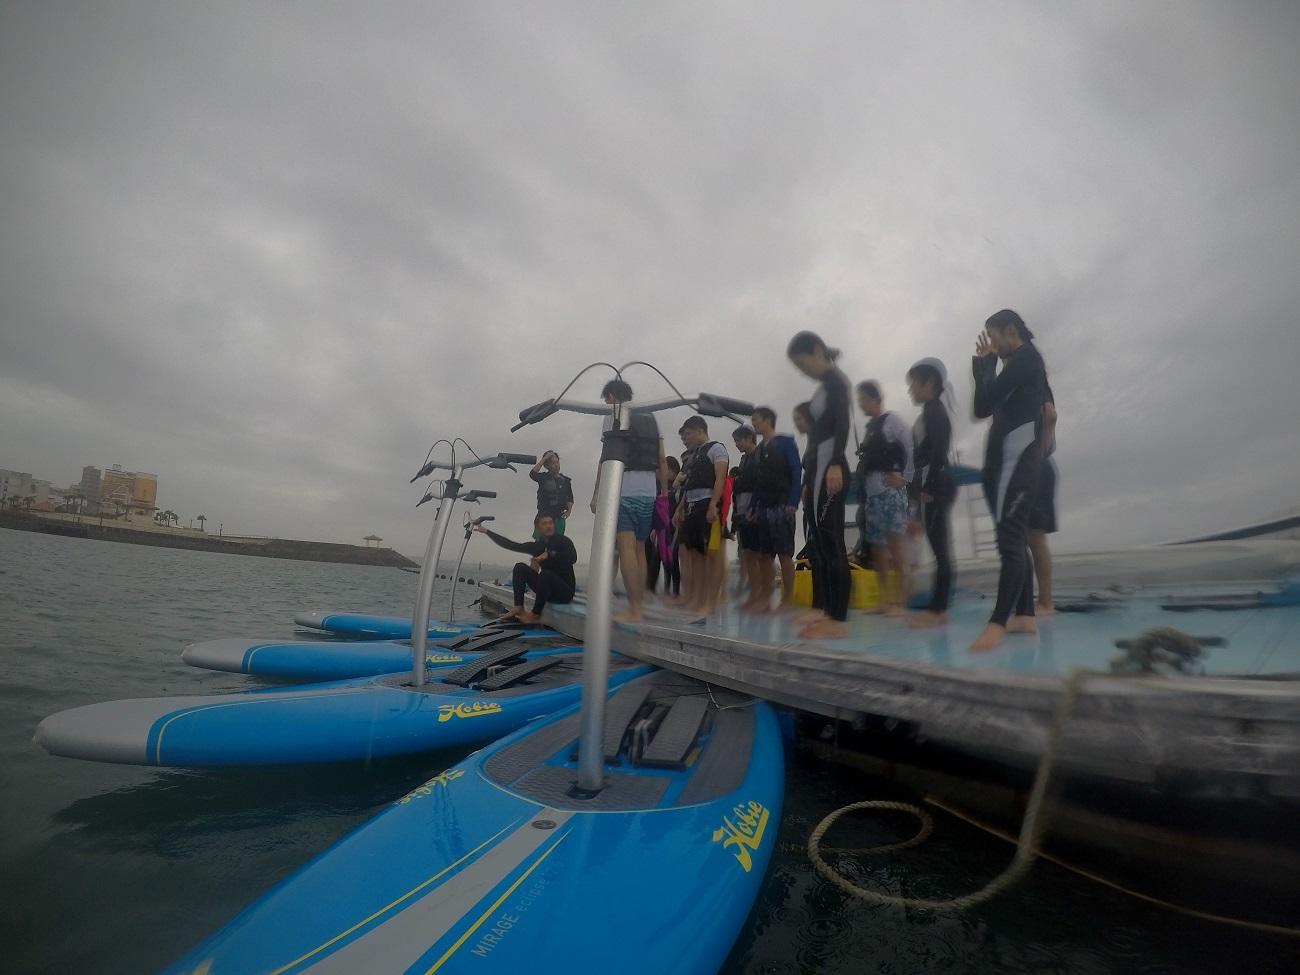 沖縄シーパーク北谷で足漕ぎサップ体験できます!